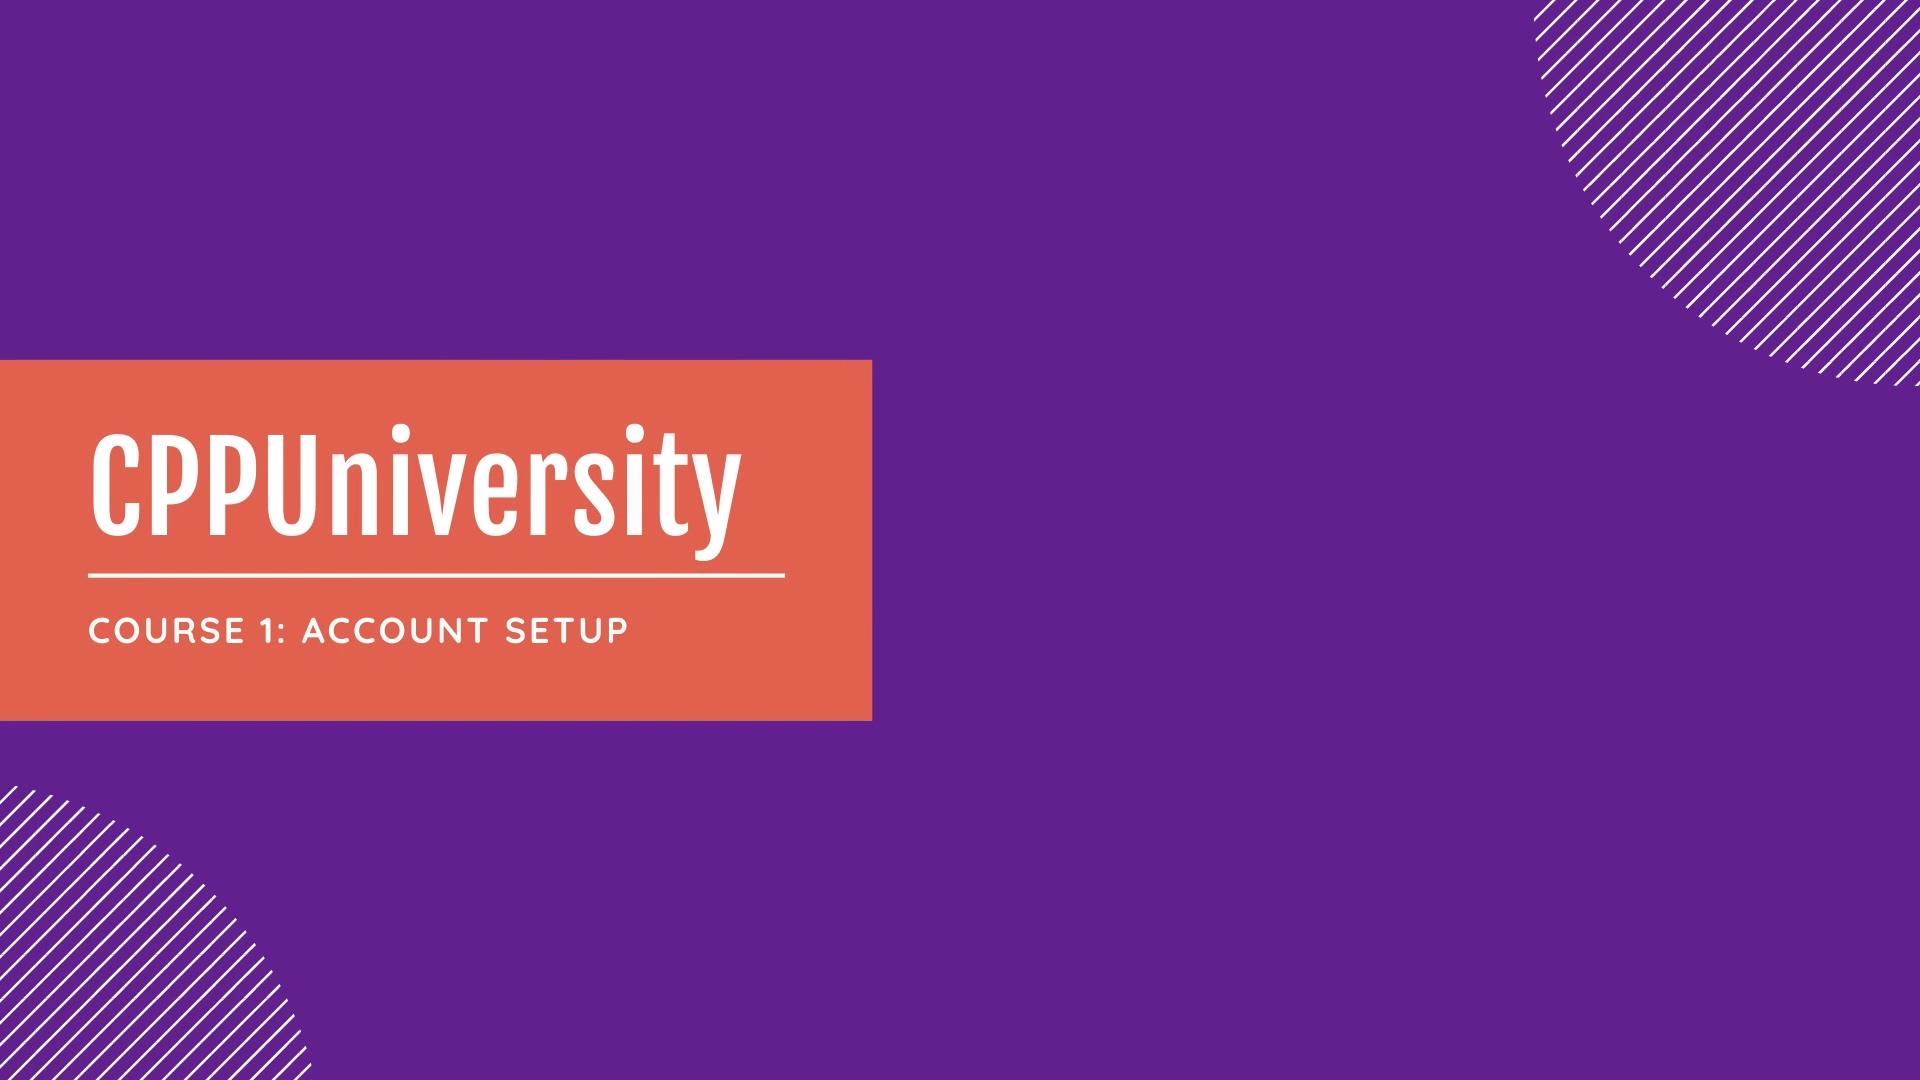 CPPU_Course1_Intro